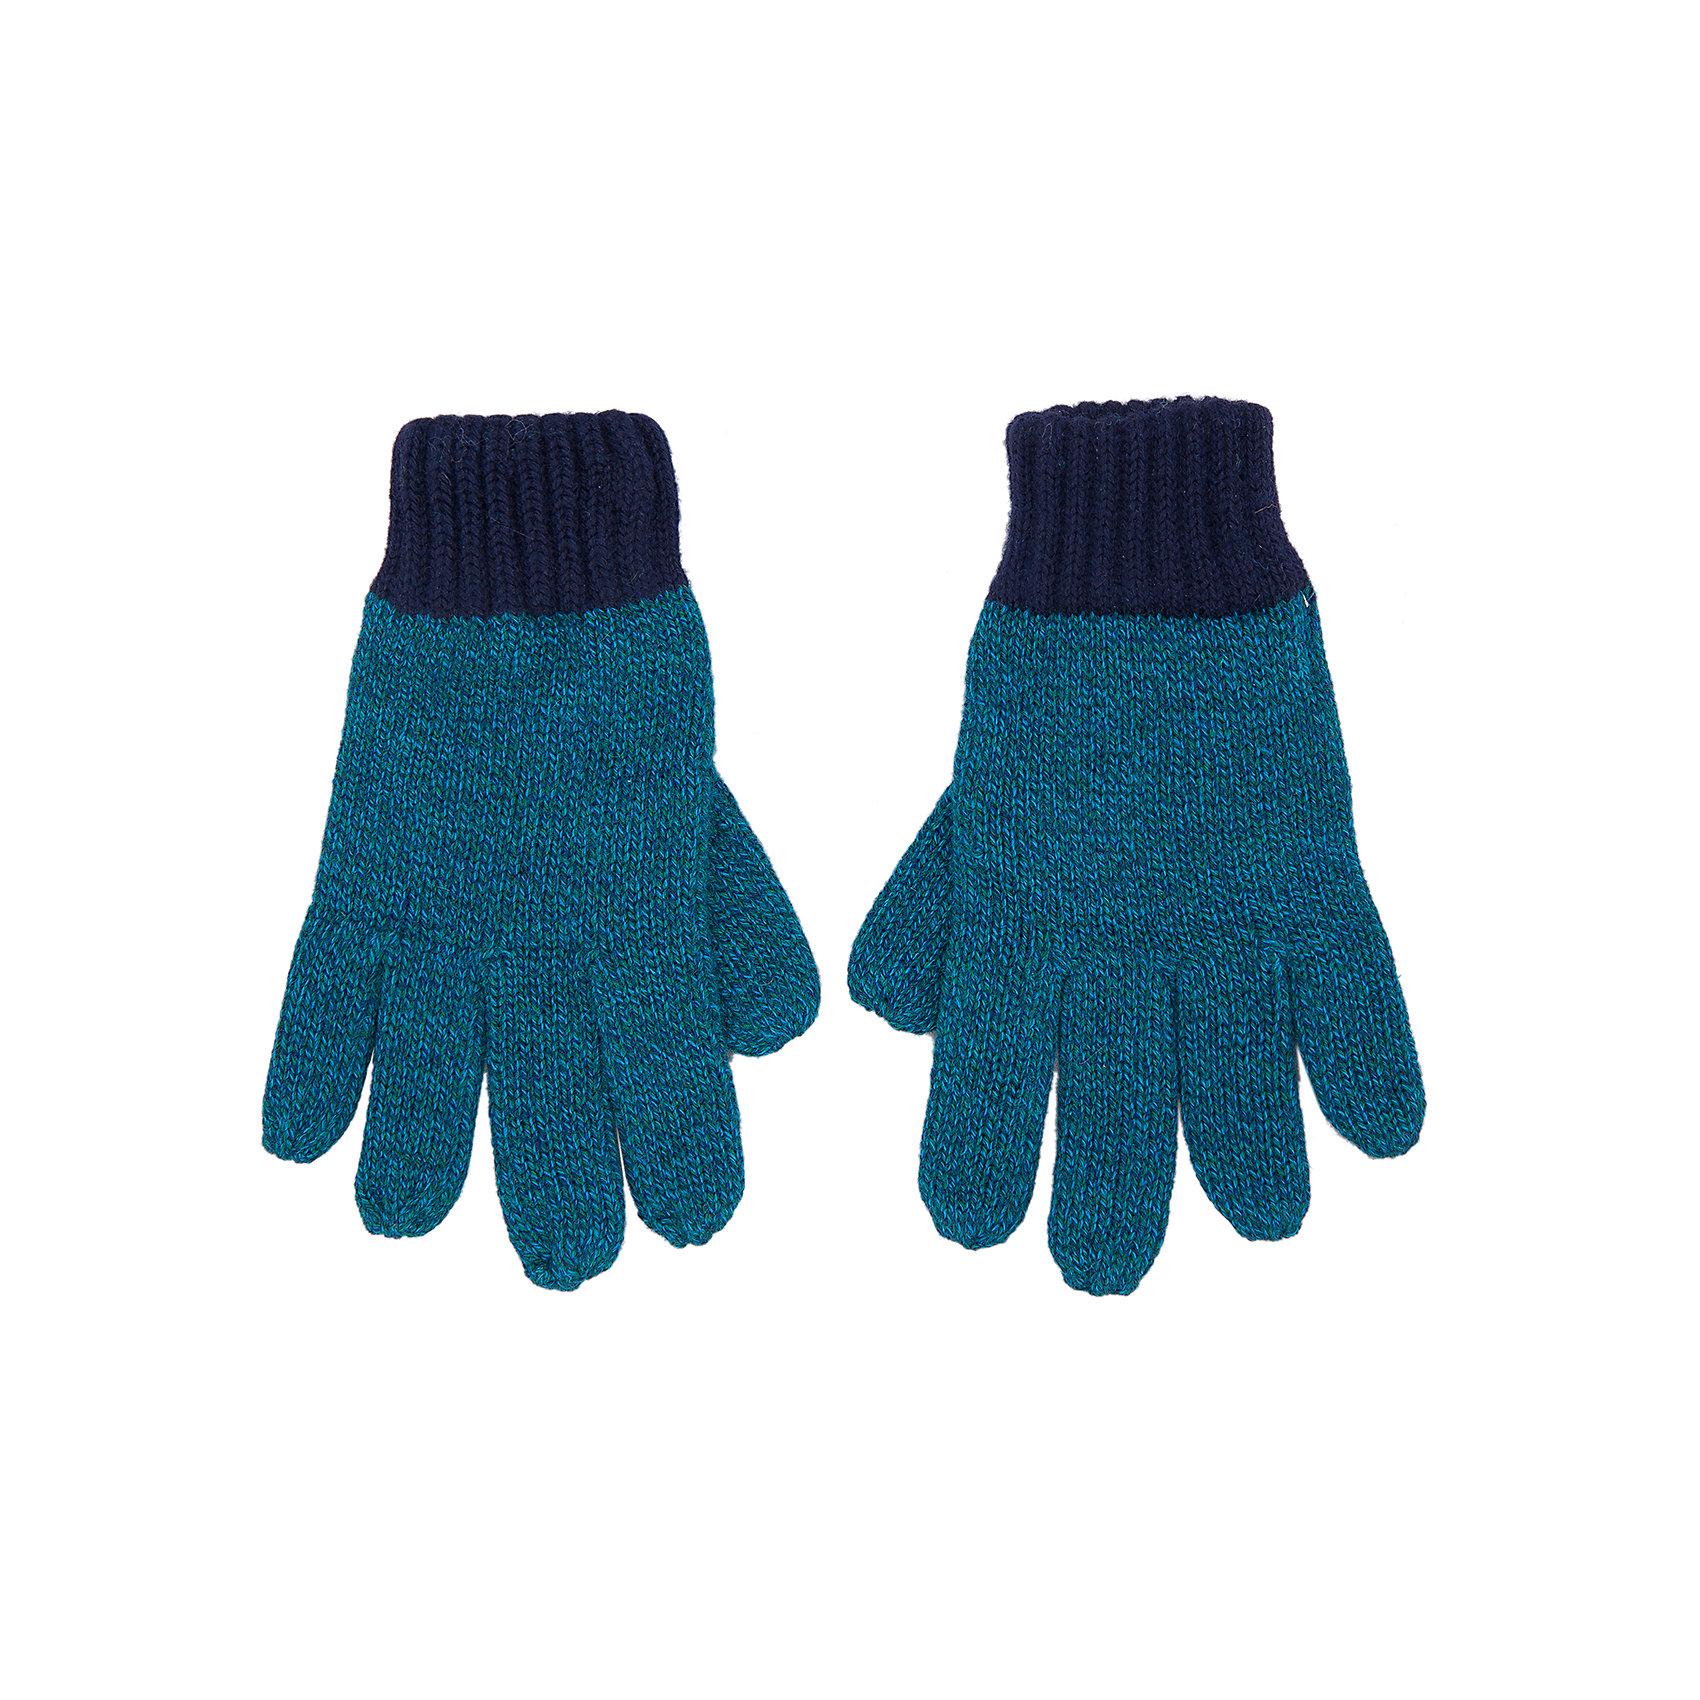 купить SELA Перчатки для мальчика SELA по цене 499 рублей